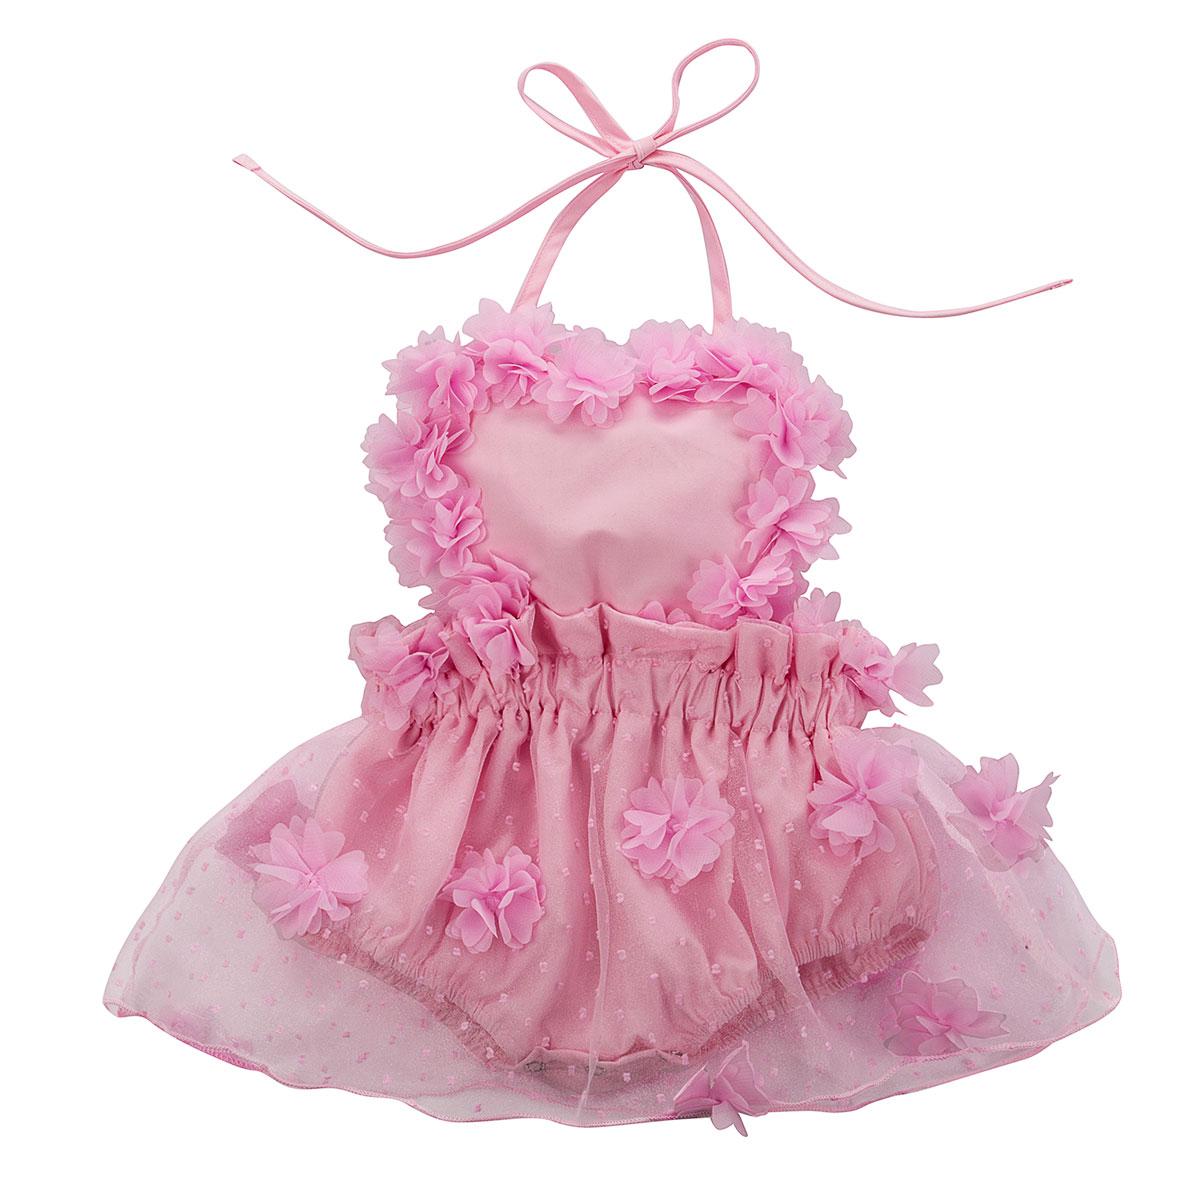 Pelele de verano para bebé niña de 0 a 3 años, pelele Floral de encaje, mameluco espalda al aire sin mangas, con correa en Blanco, Negro, Rosa, ropa para vacaciones